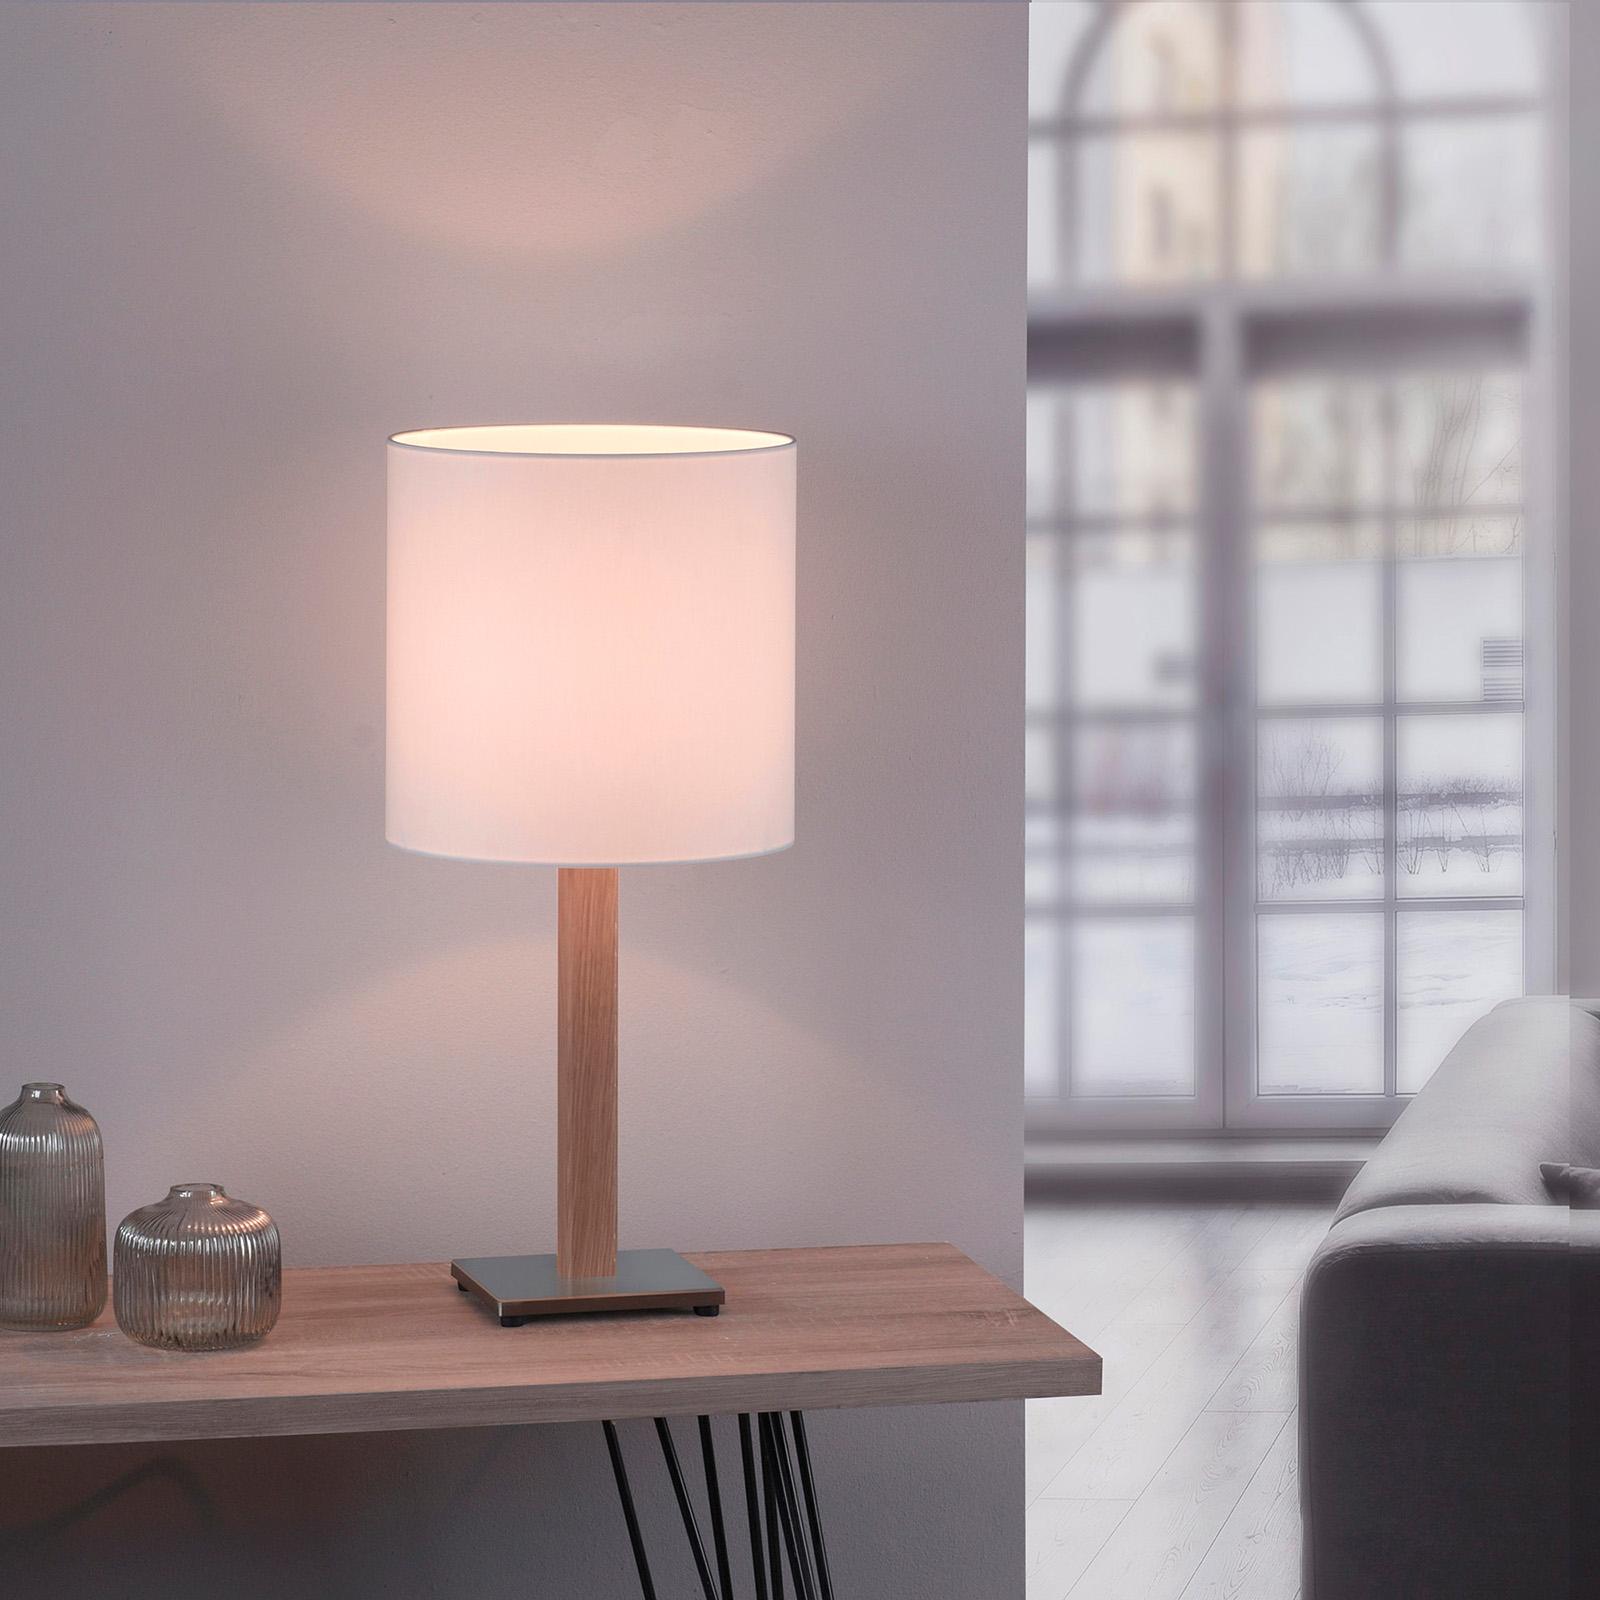 Lucande Elif Tischlampe weiß, eckig Eiche natur